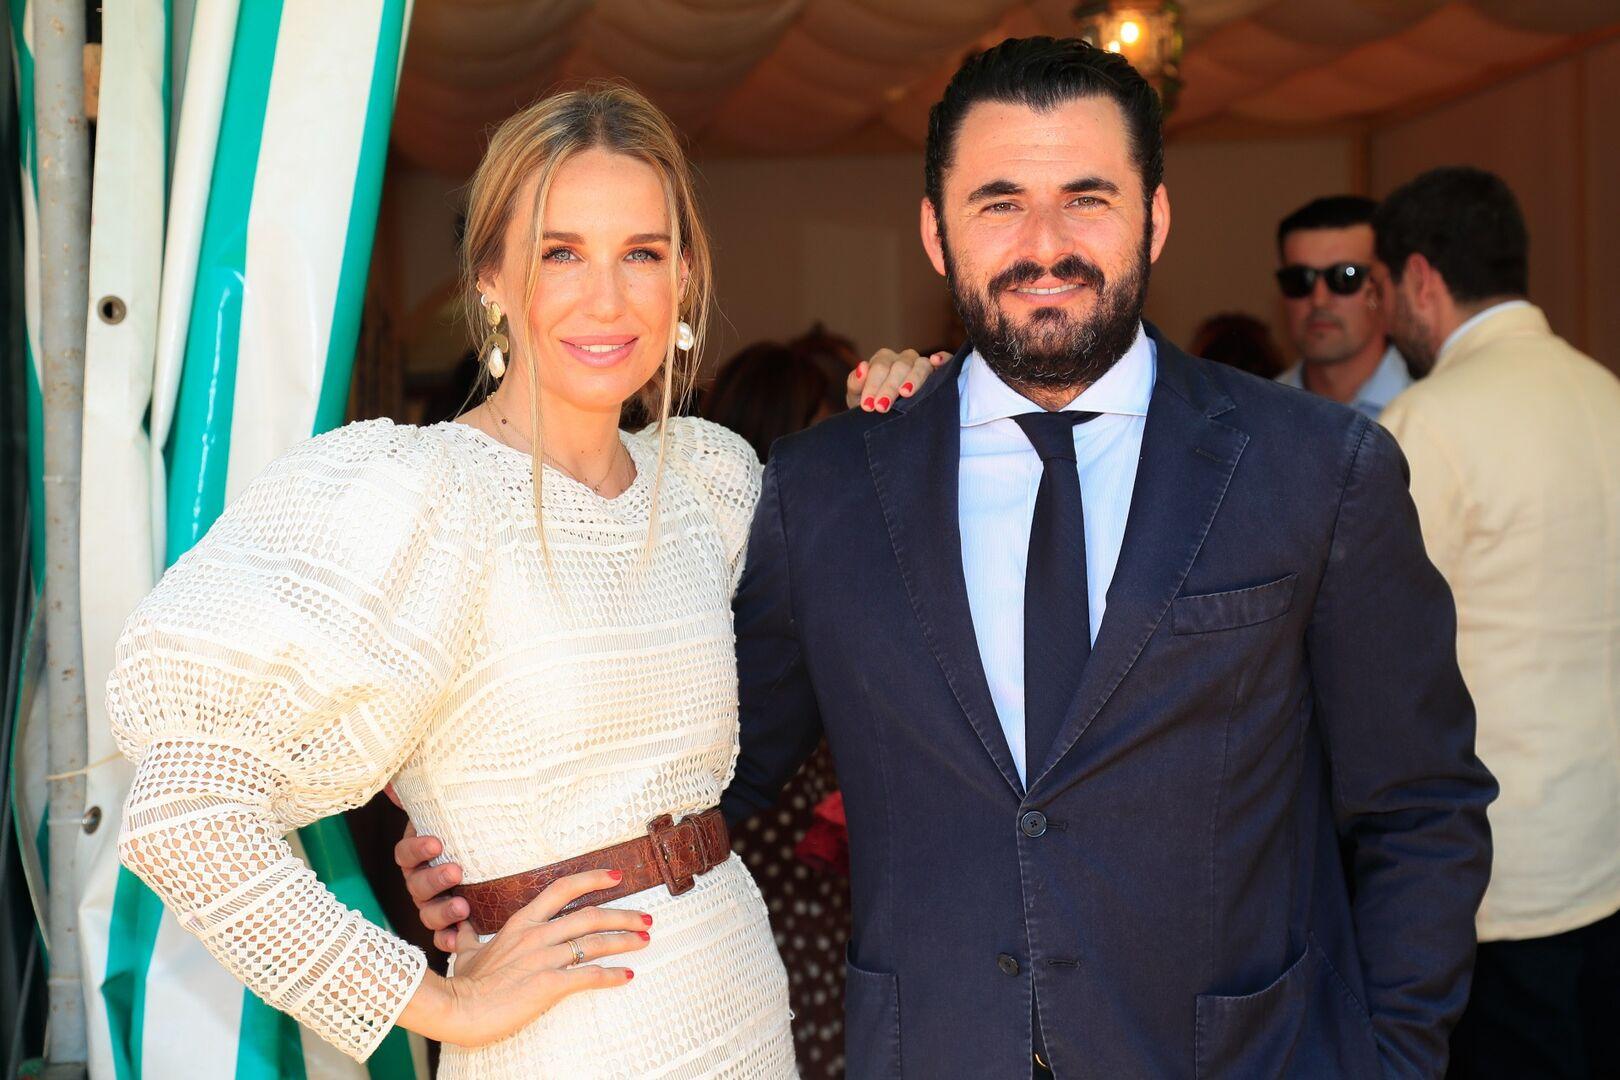 El duro golpe que ha sacudido la vida de Emiliano Suárez y Carola Baleztena